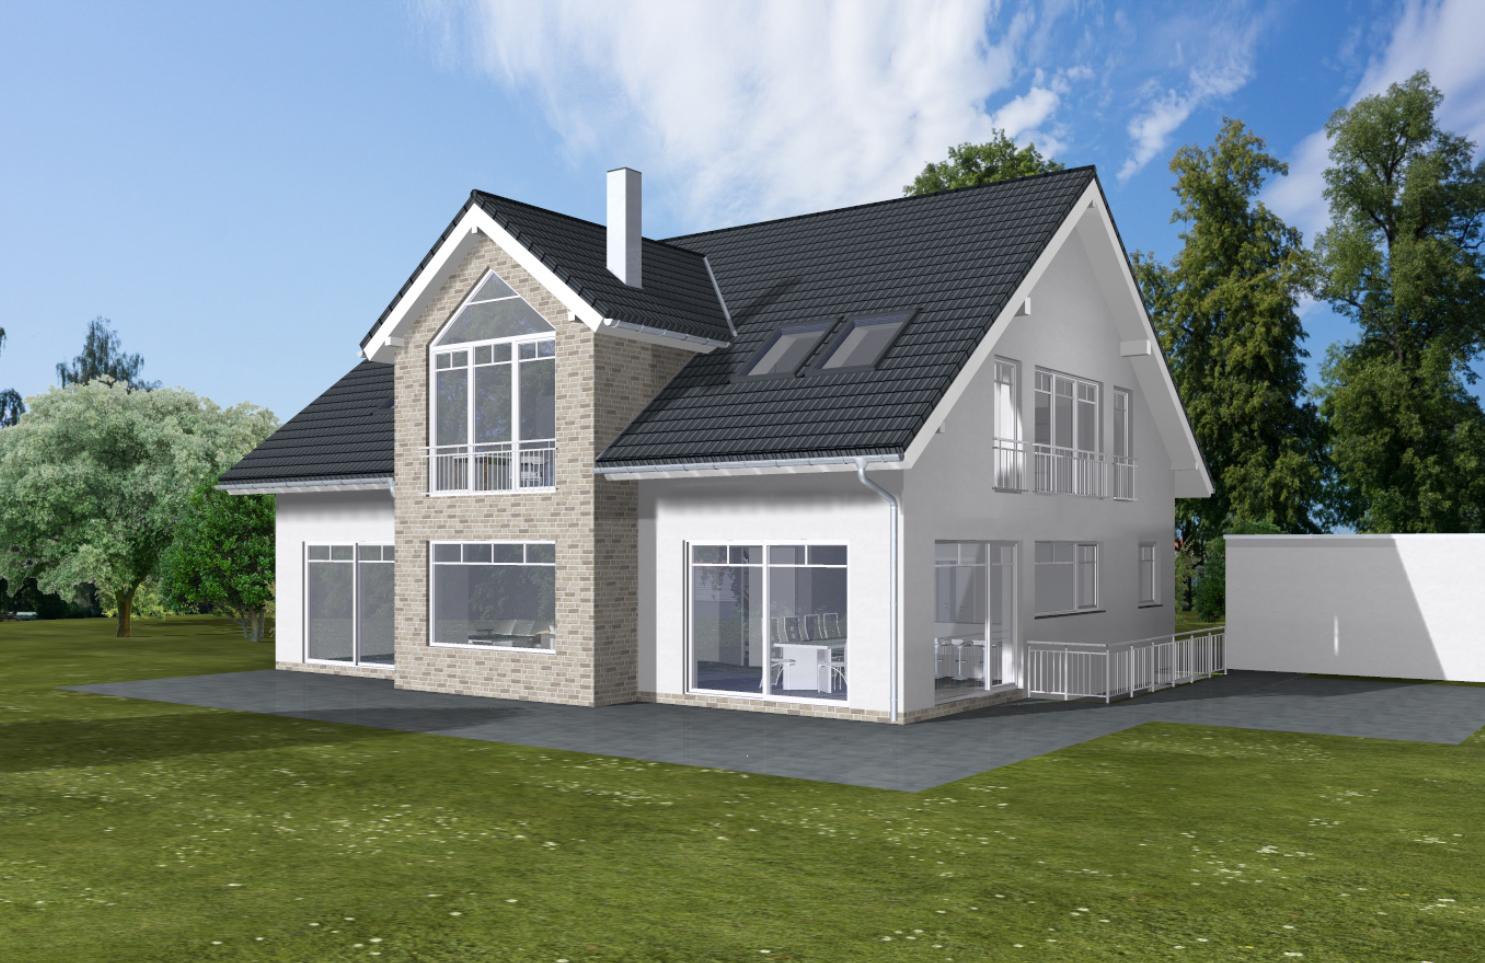 ARTOS HAUS Bauvorhaben Bonn-Ückesdorf, Einfamilienhaus Individuell geplant und gebaut 2021. Bild 3